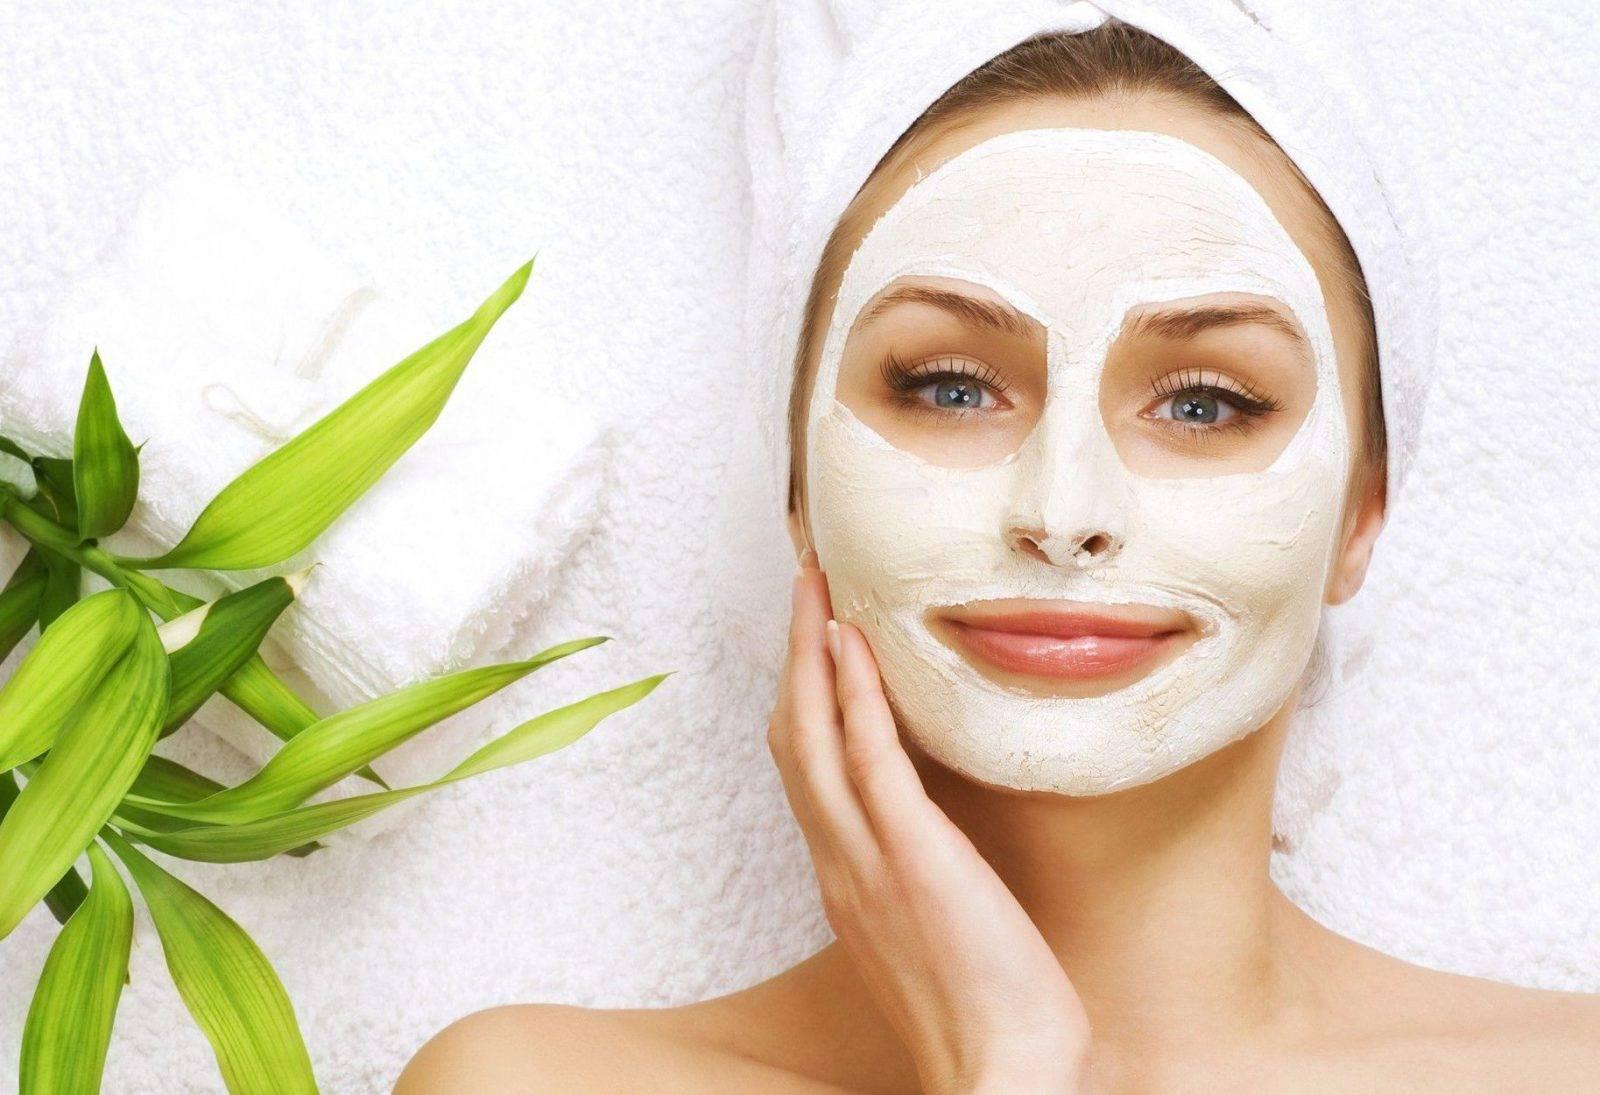 Маски из свеклы для улучшения красоты кожи лица